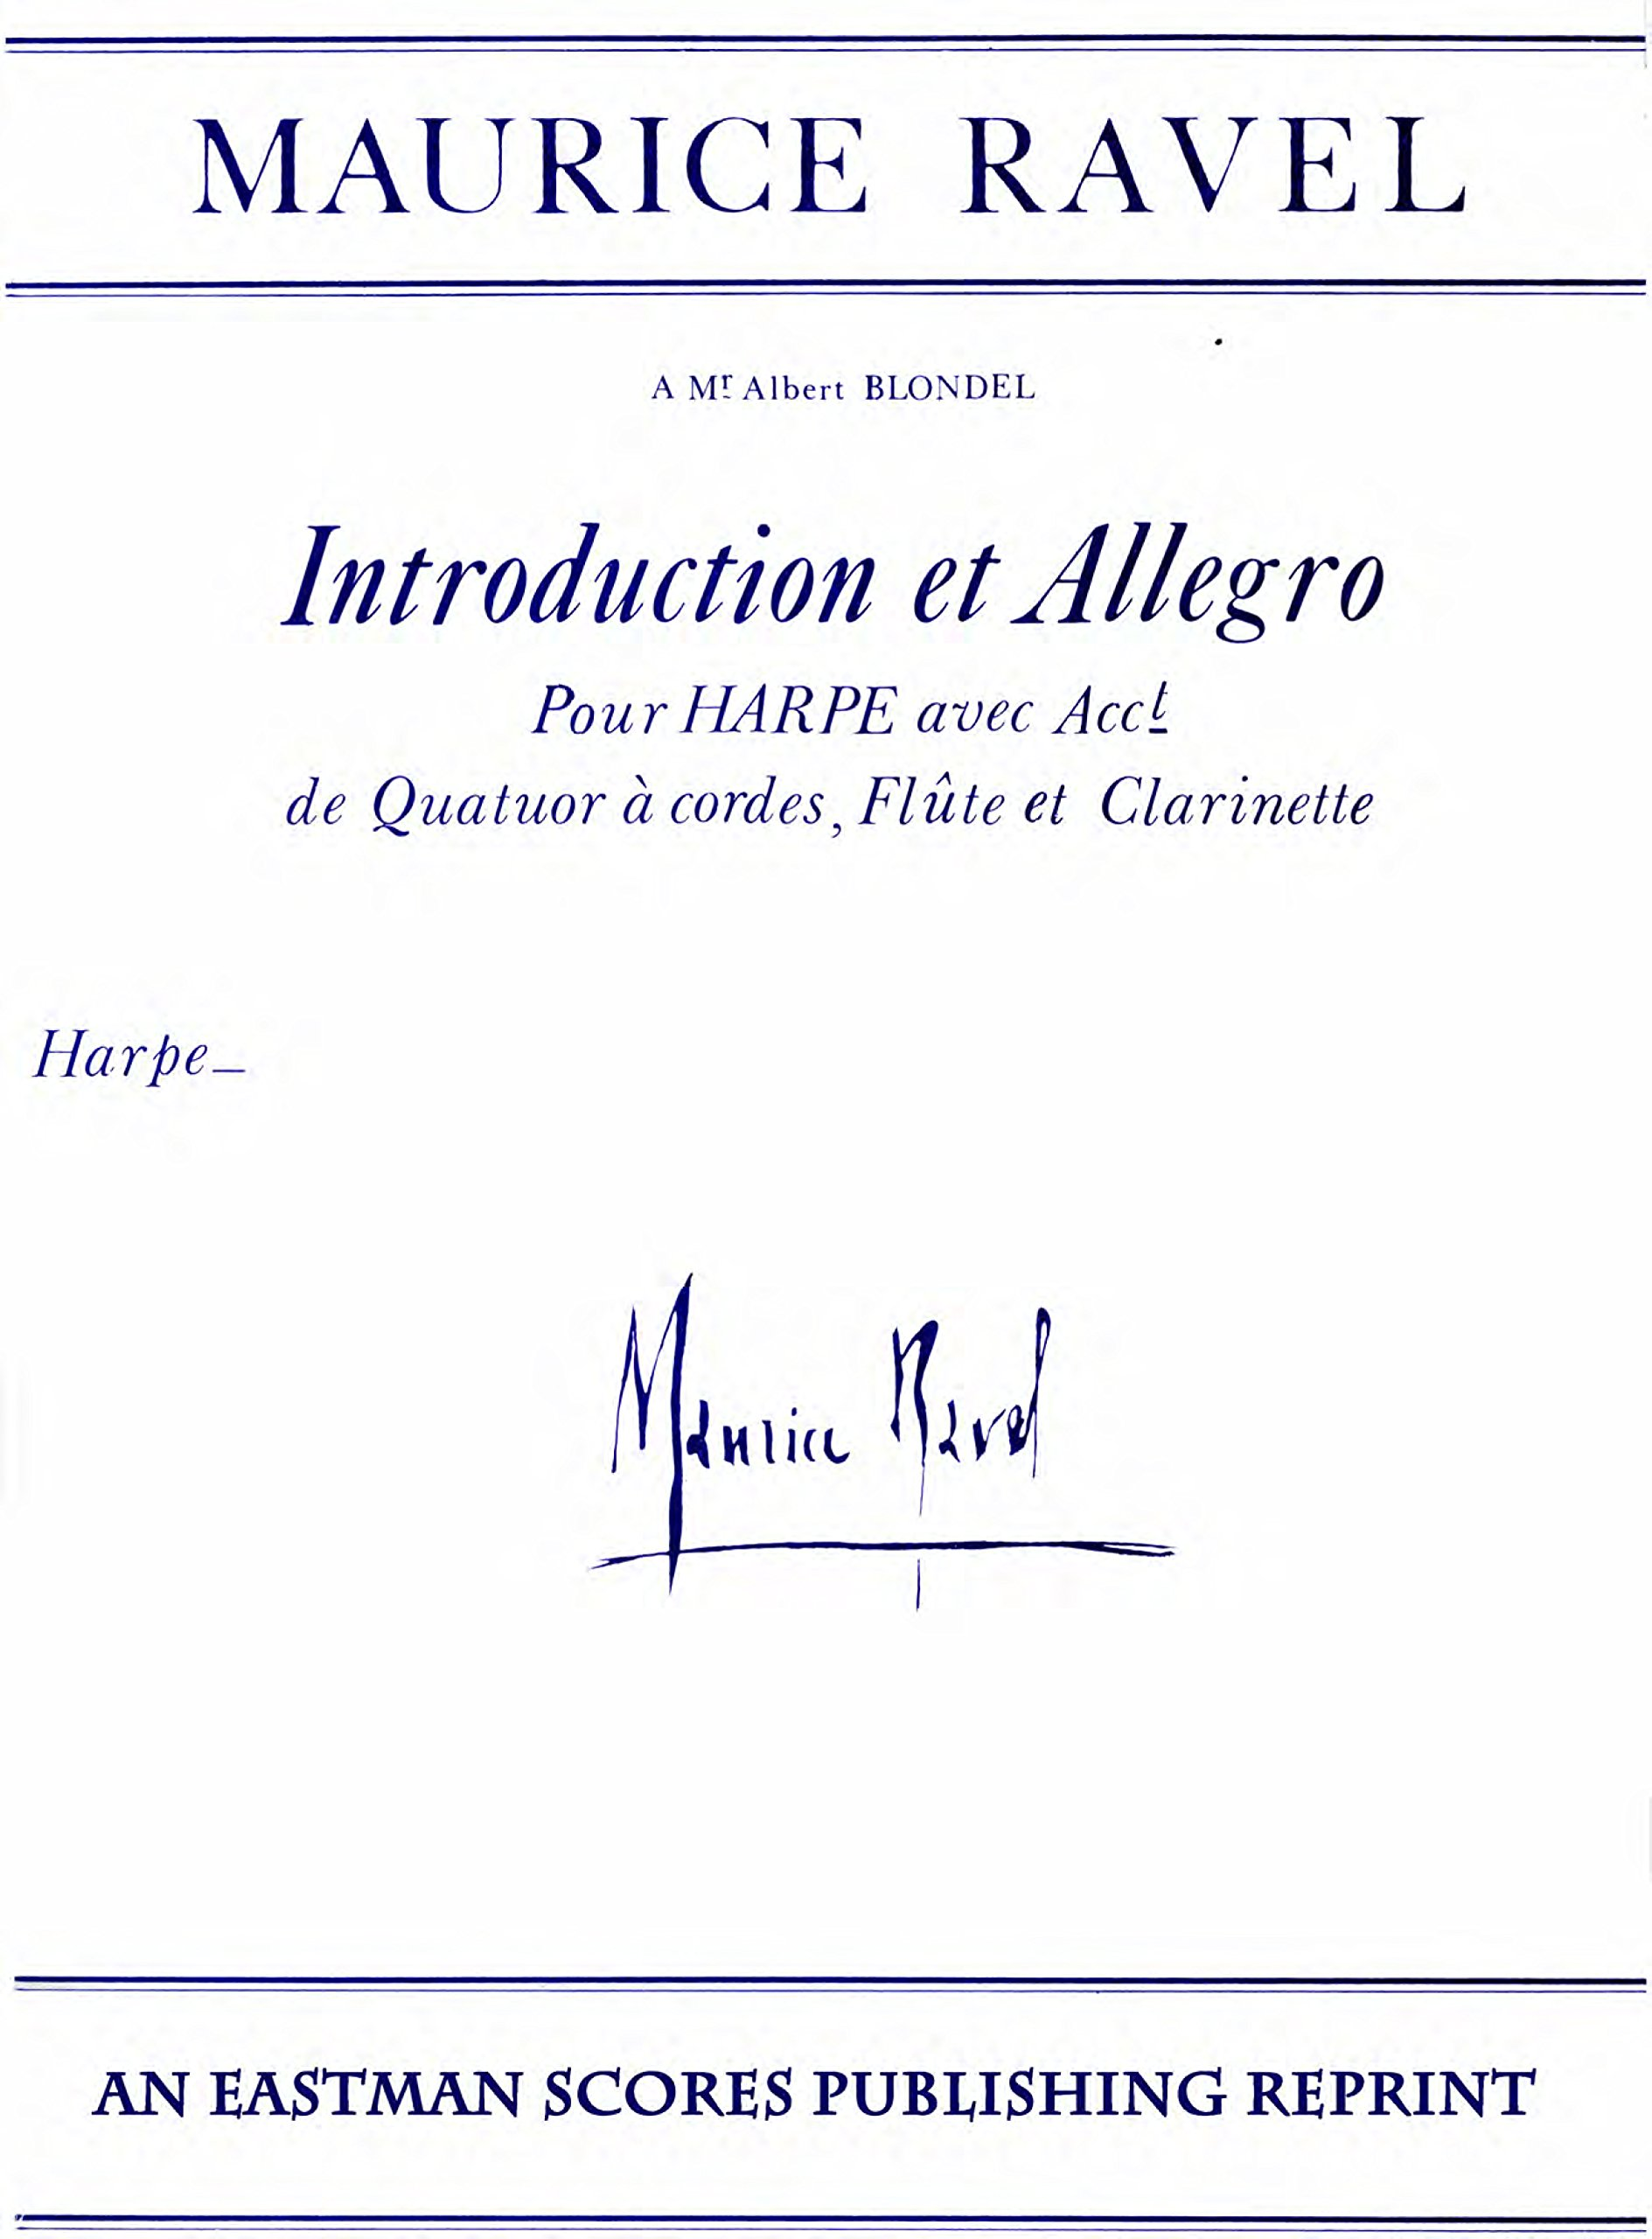 Ravel, Maurice : Introduction et allegro pour harpe avec acct. de quatuor a cordes, flute et clarinette